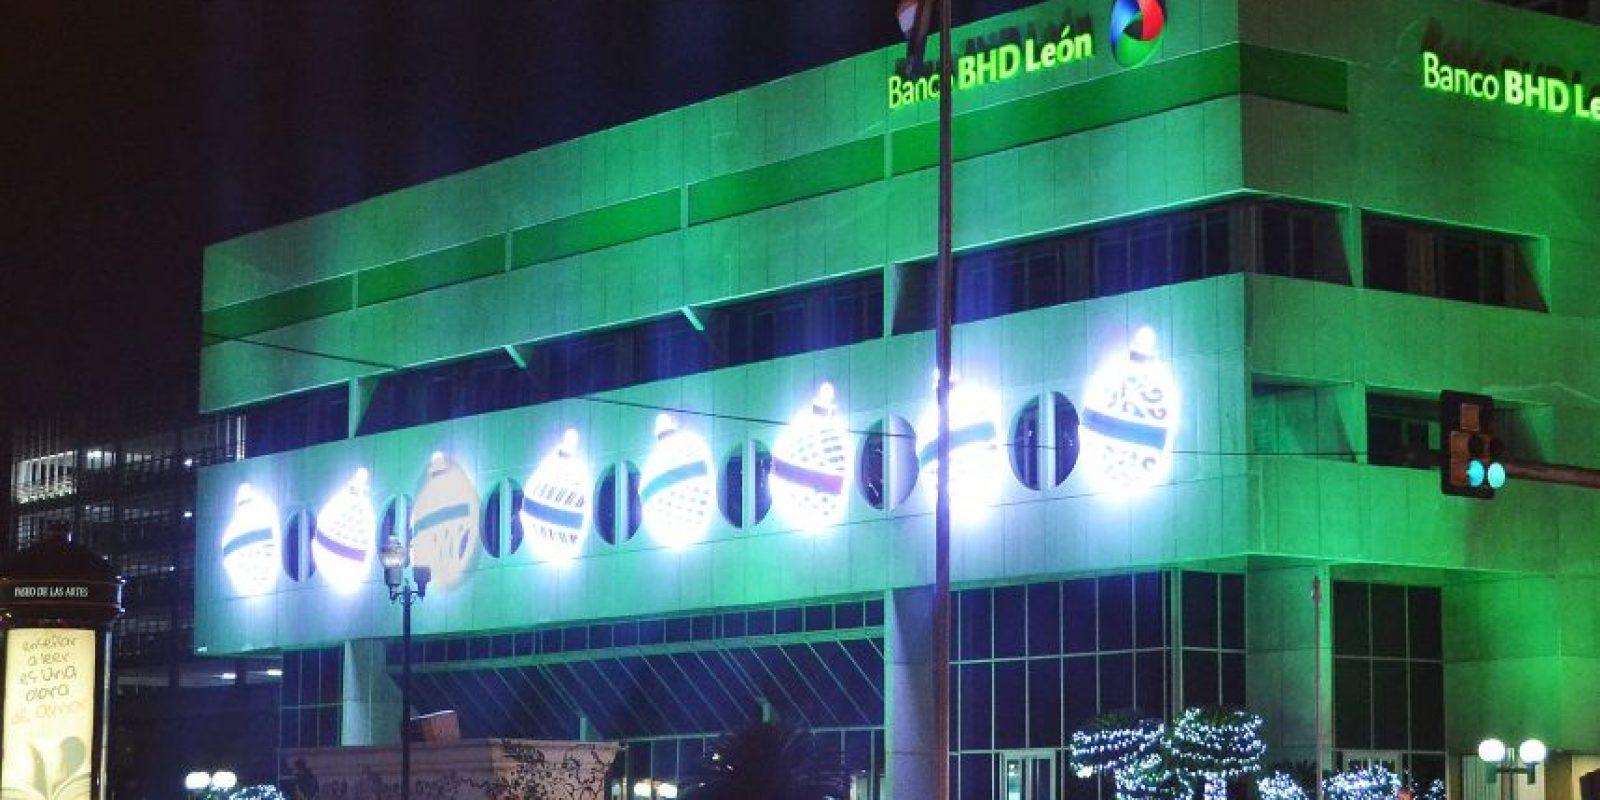 Los bancos, como el BHD León, también se contagian de la onda navideña. Foto:Mario De Peña